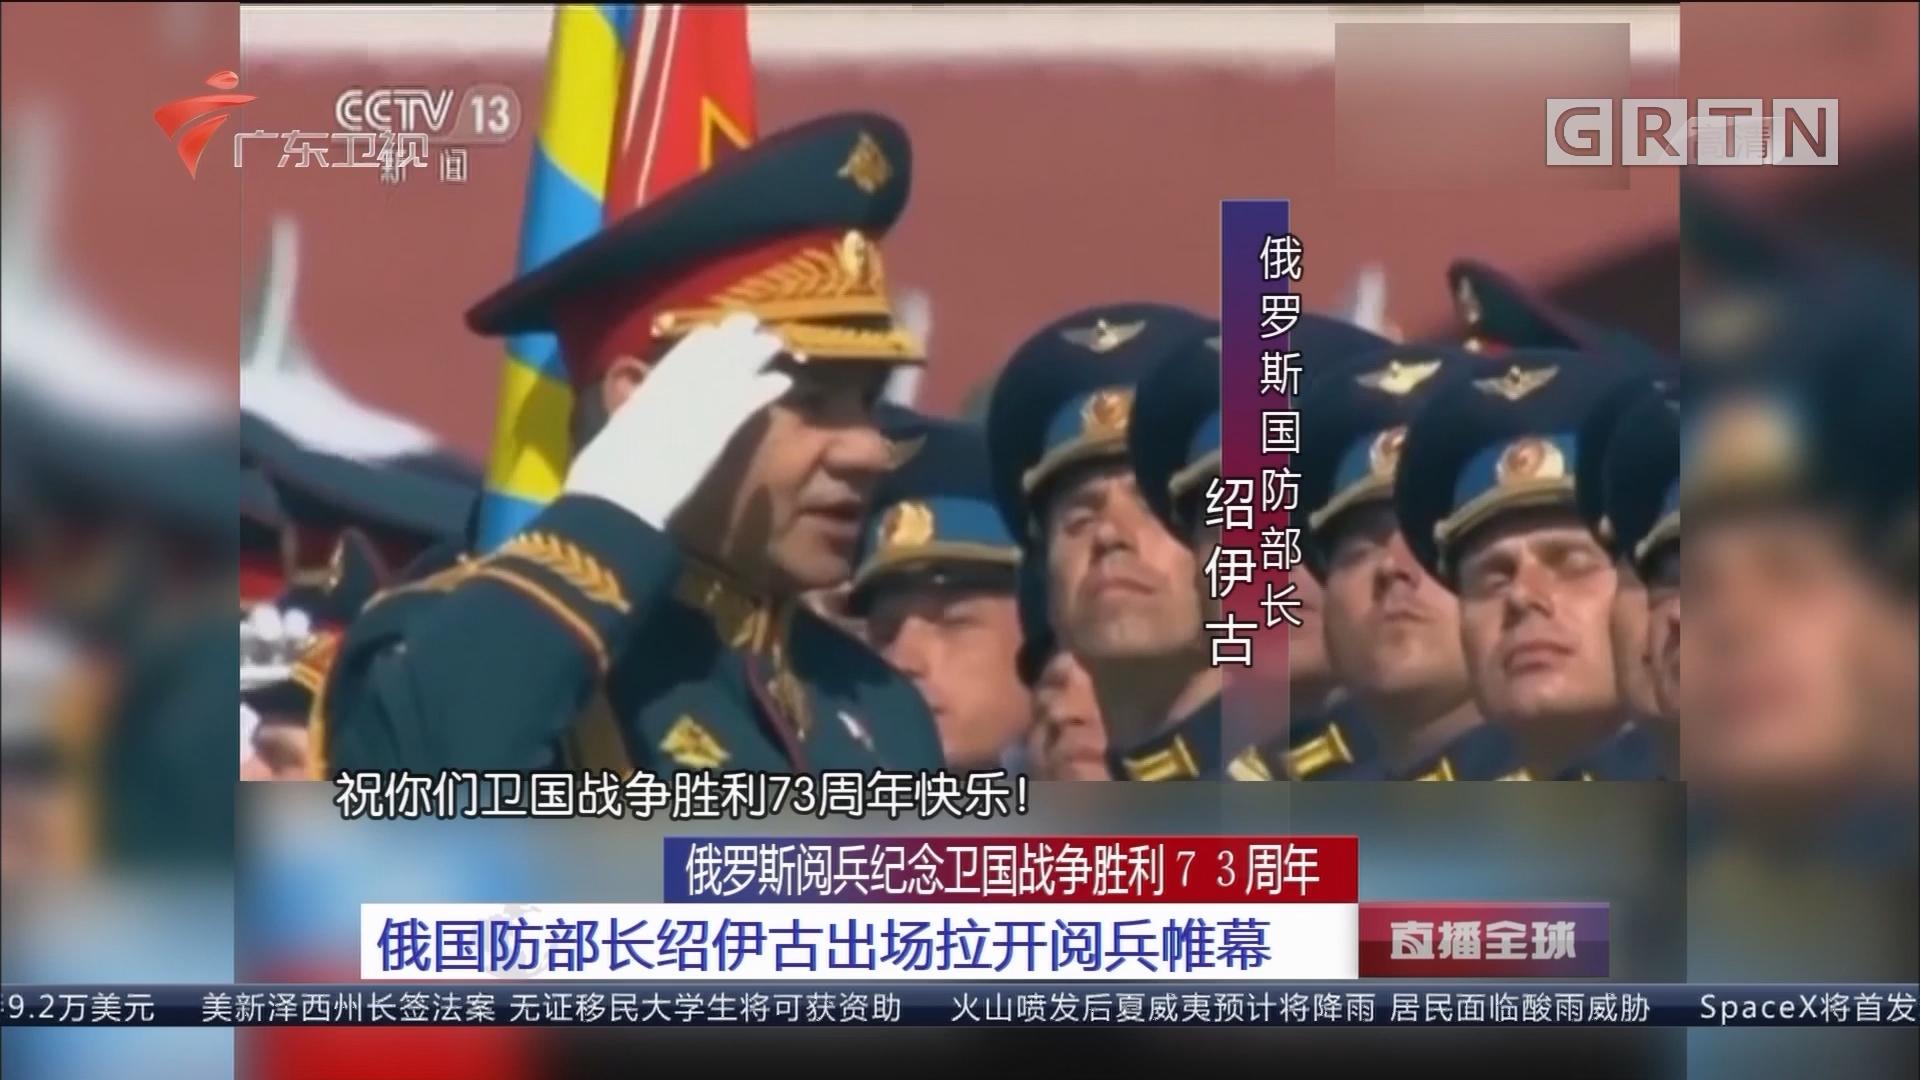 俄罗斯阅兵纪念卫国战争胜利73周年 俄国防部长绍伊古出场拉开阅兵帷幕